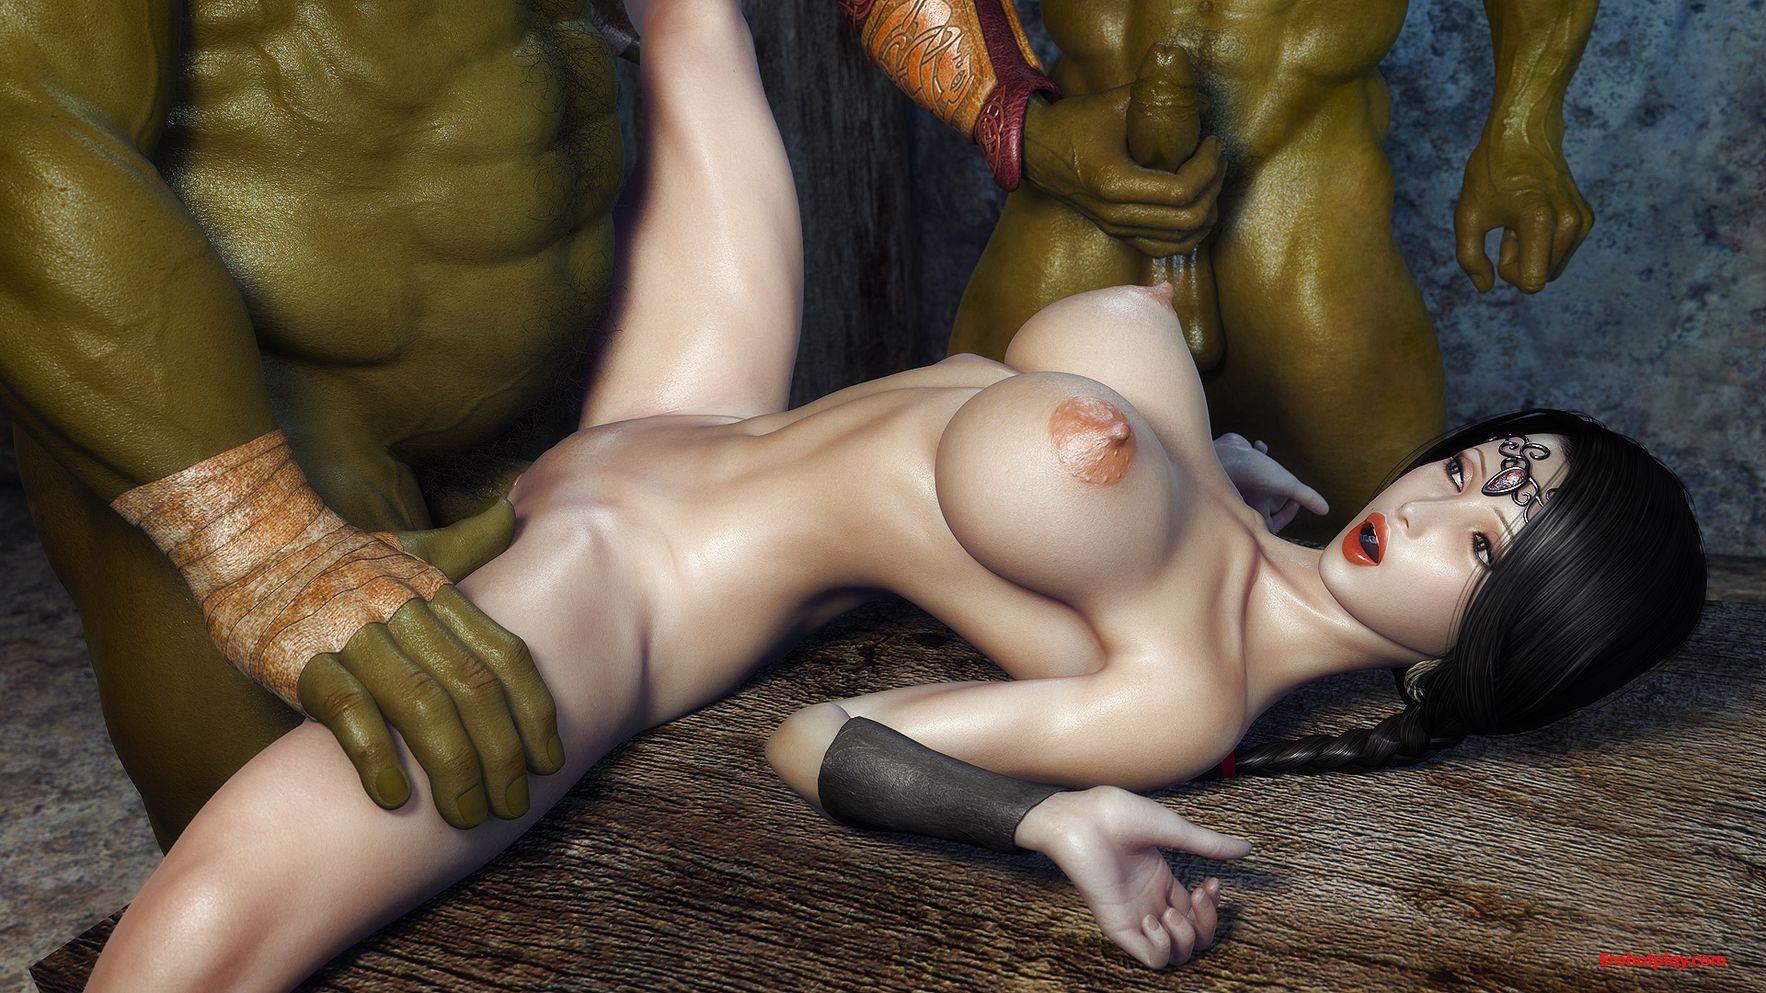 Эротика с чудовищами фото, Монстры Хентай Рисунки Порно комиксы рисунки арт 13 фотография